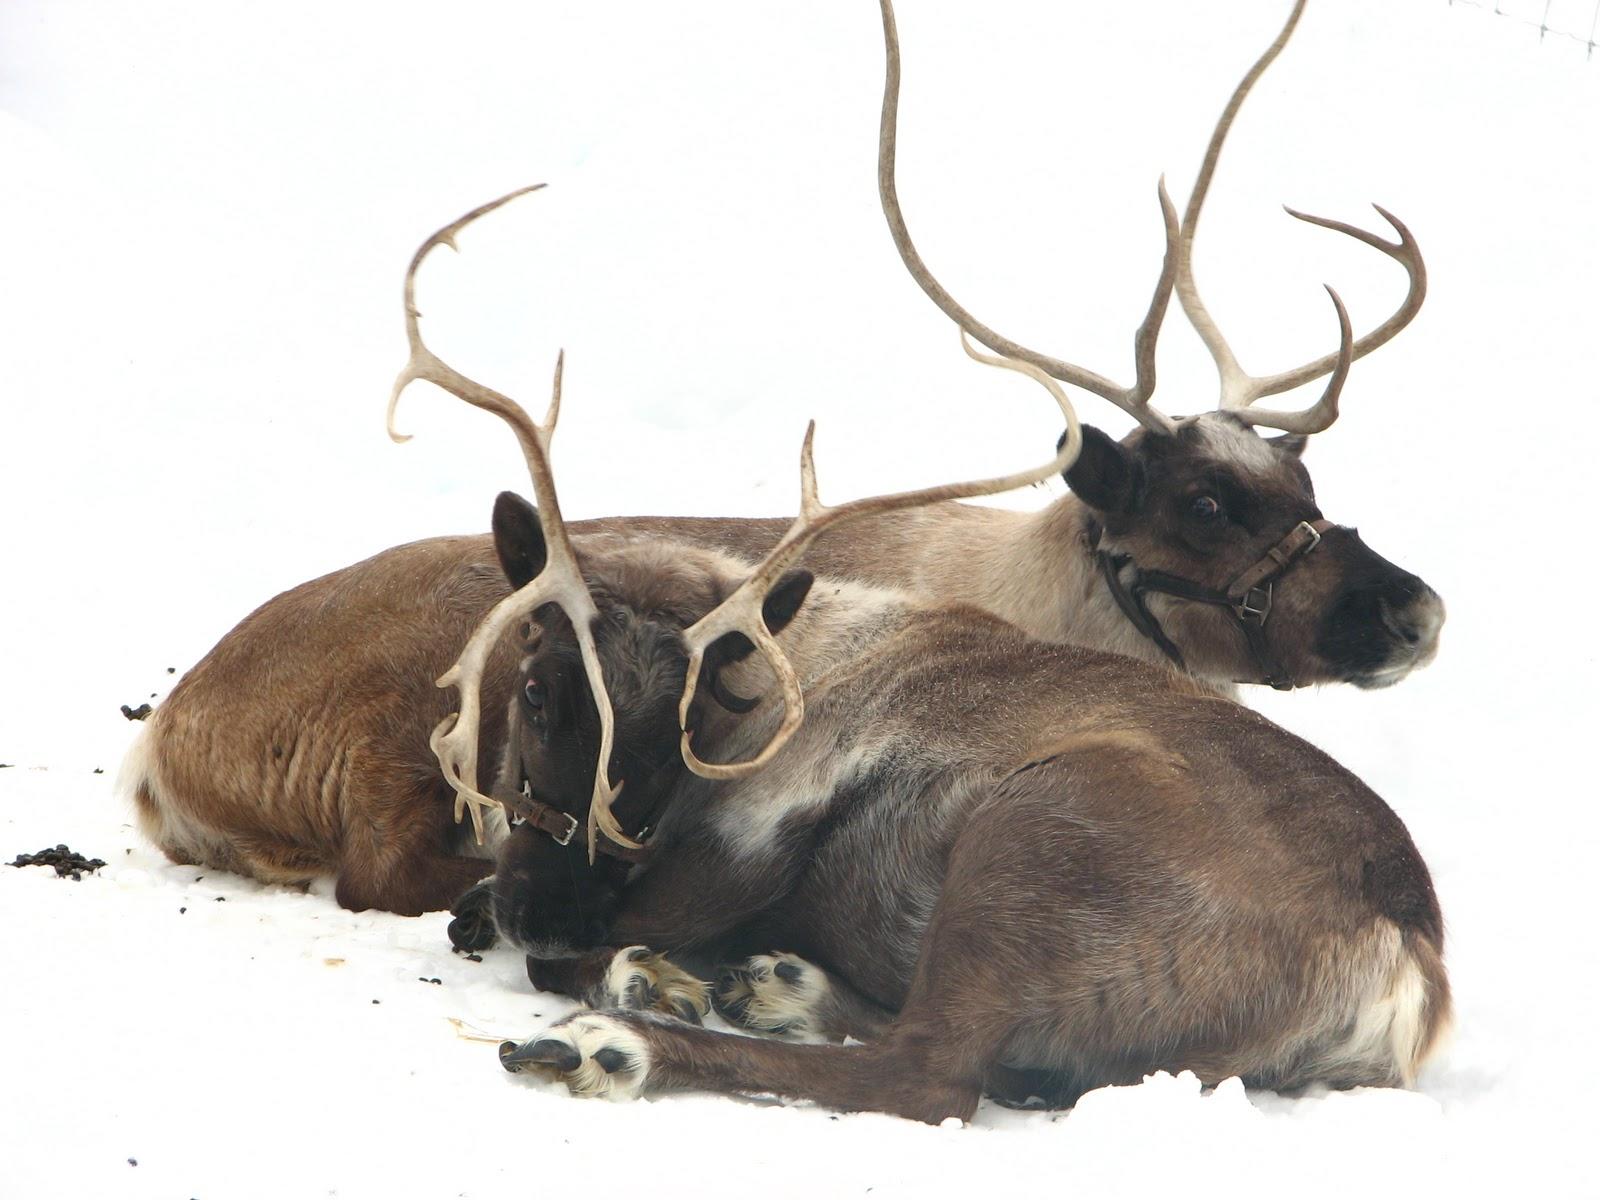 Santas Reindeer As two of santa's reindeer